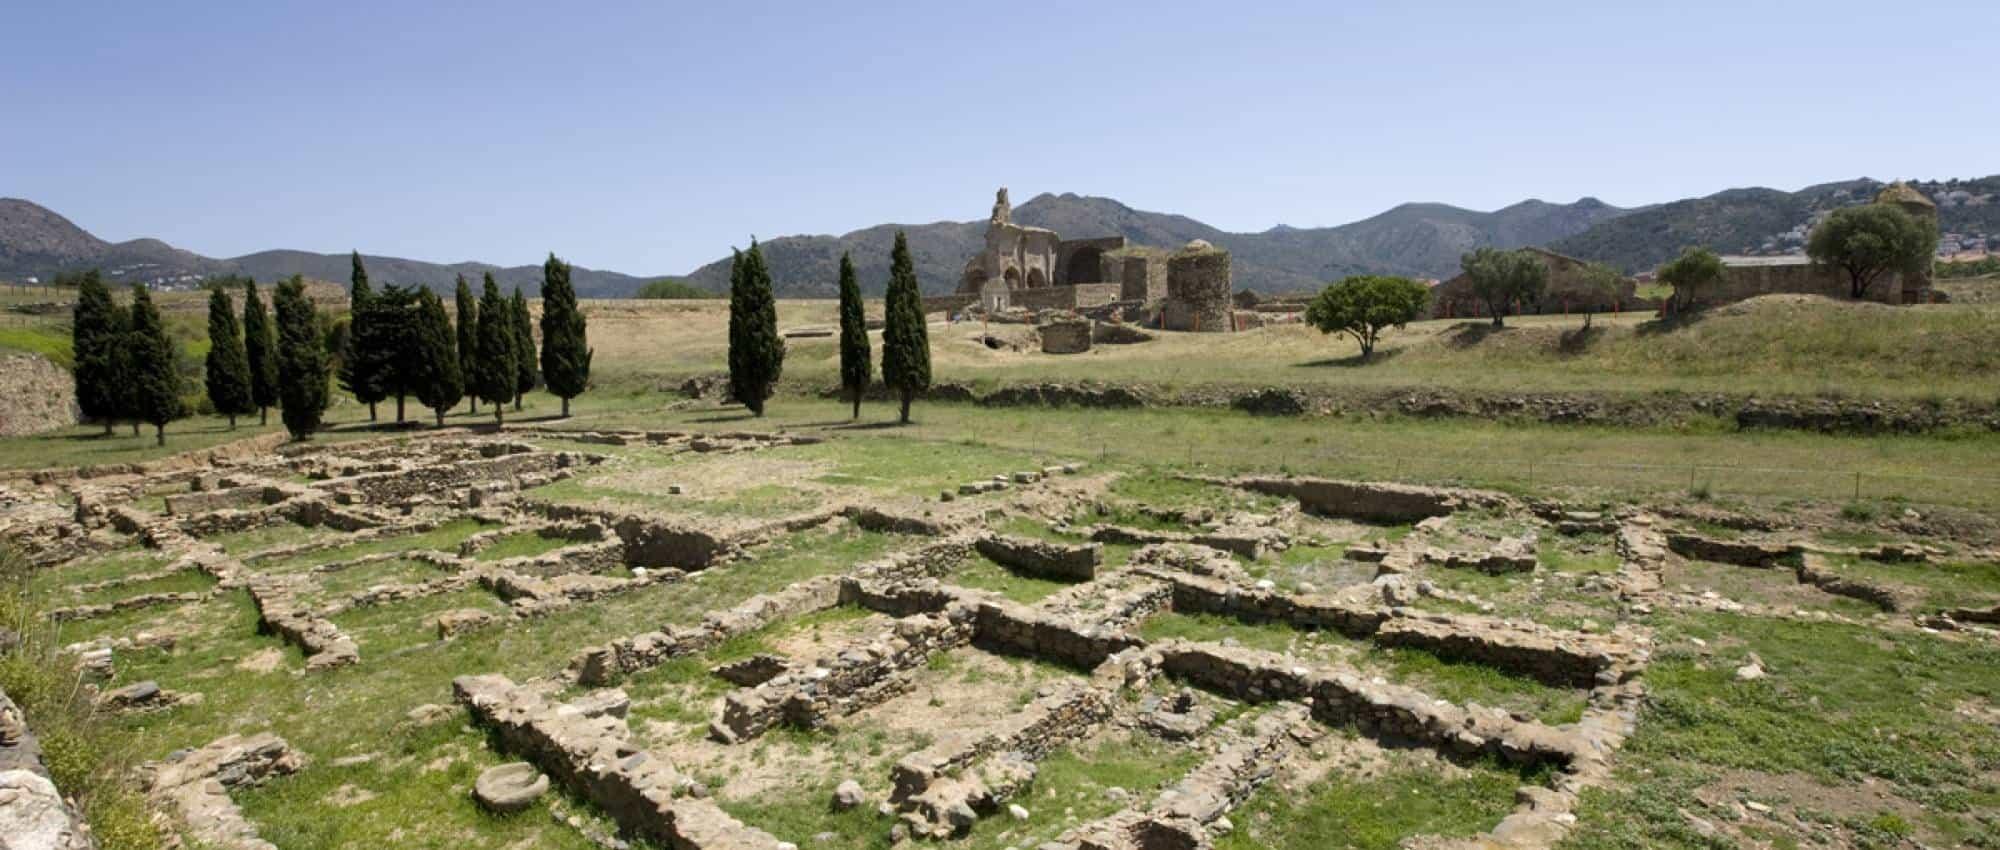 Развалины древних строений